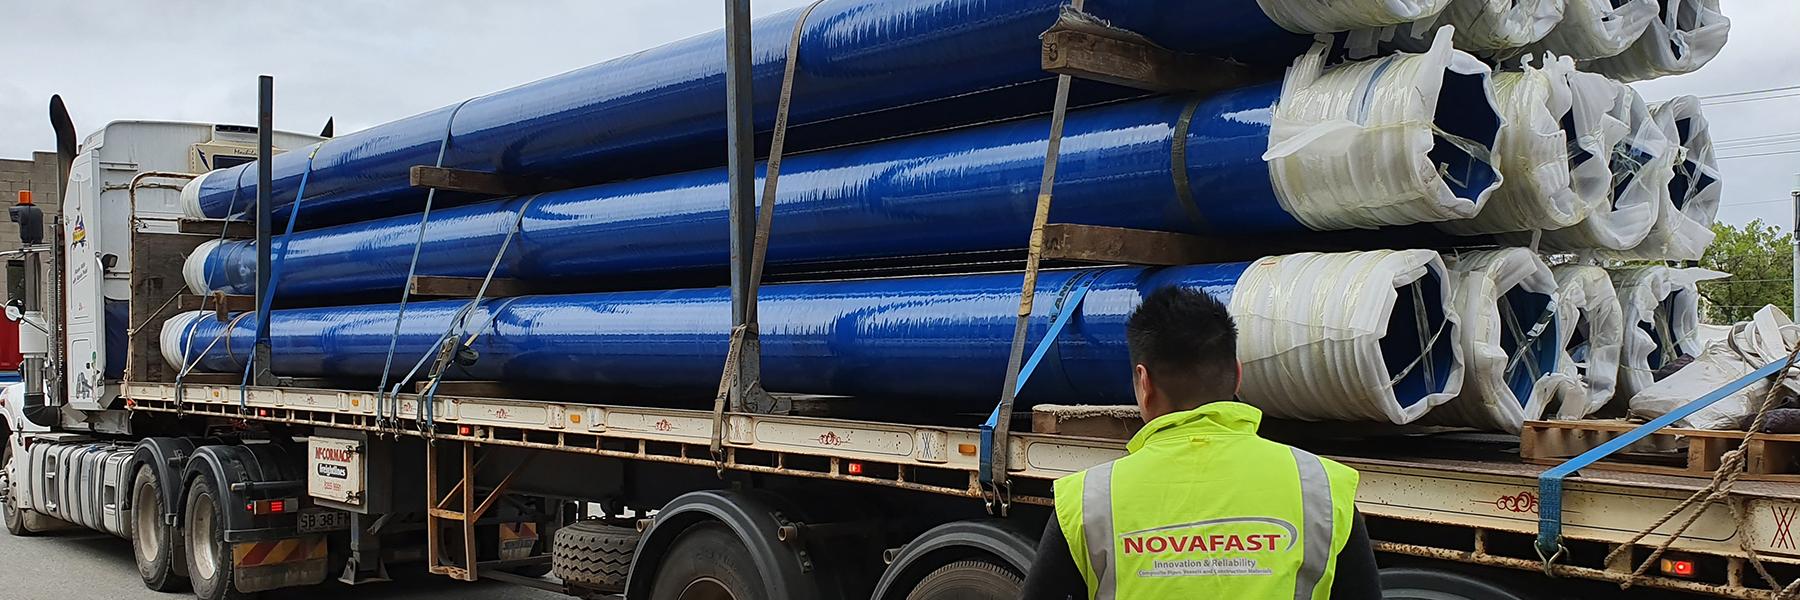 NovaBore truck transportation